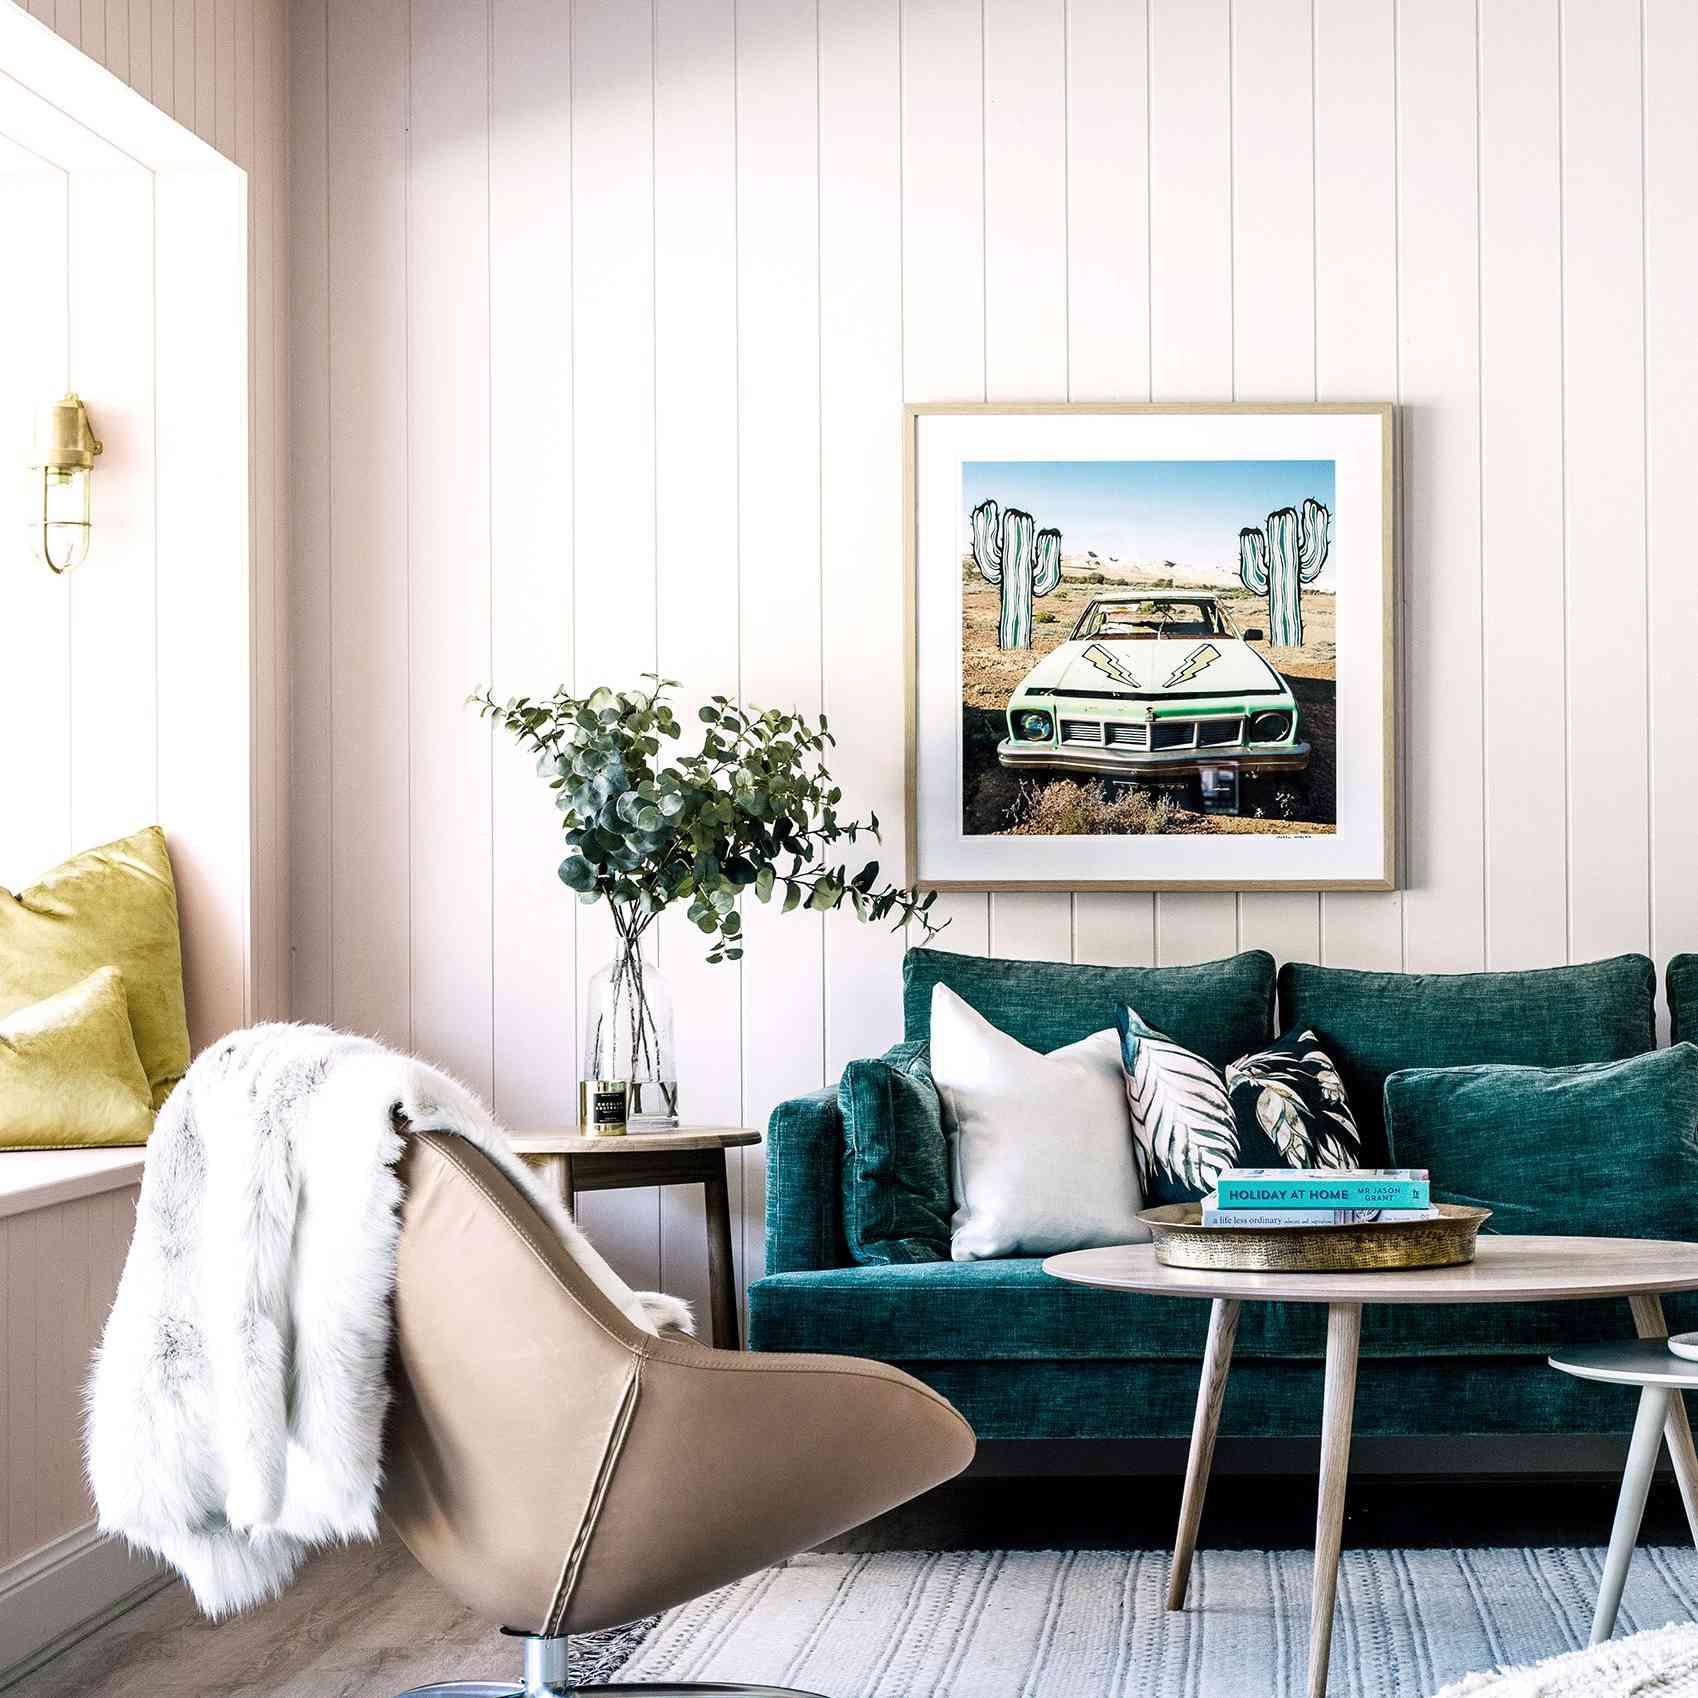 14 Boho Scandinavian Design And Decor Ideas